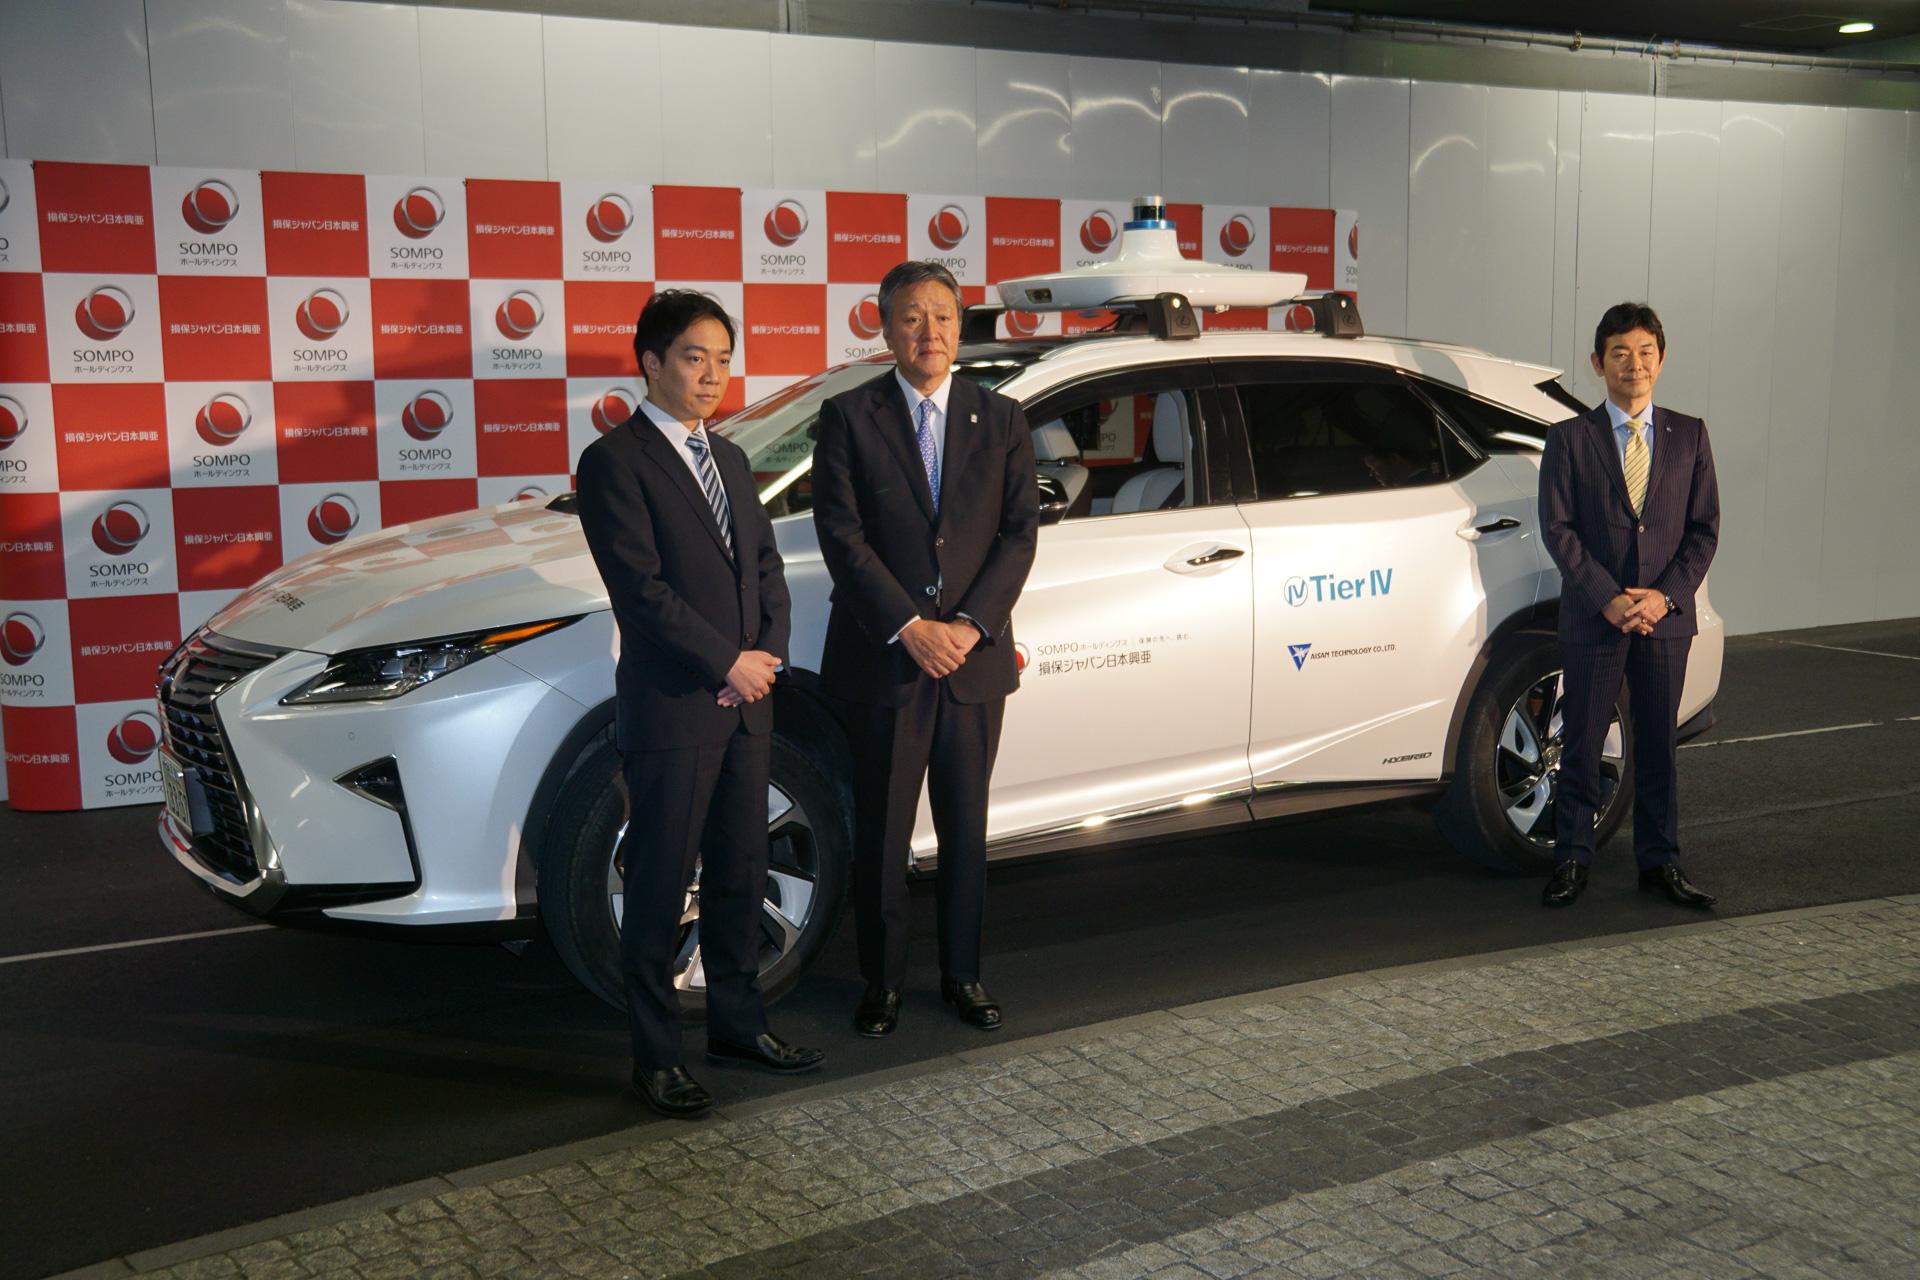 損保ジャパン日本興亜、ティアフォー、アイサンテクノロジーが業務提携。国内の自動運転実証プラットフォームを目指した「Level IV Discovery」を共同開発